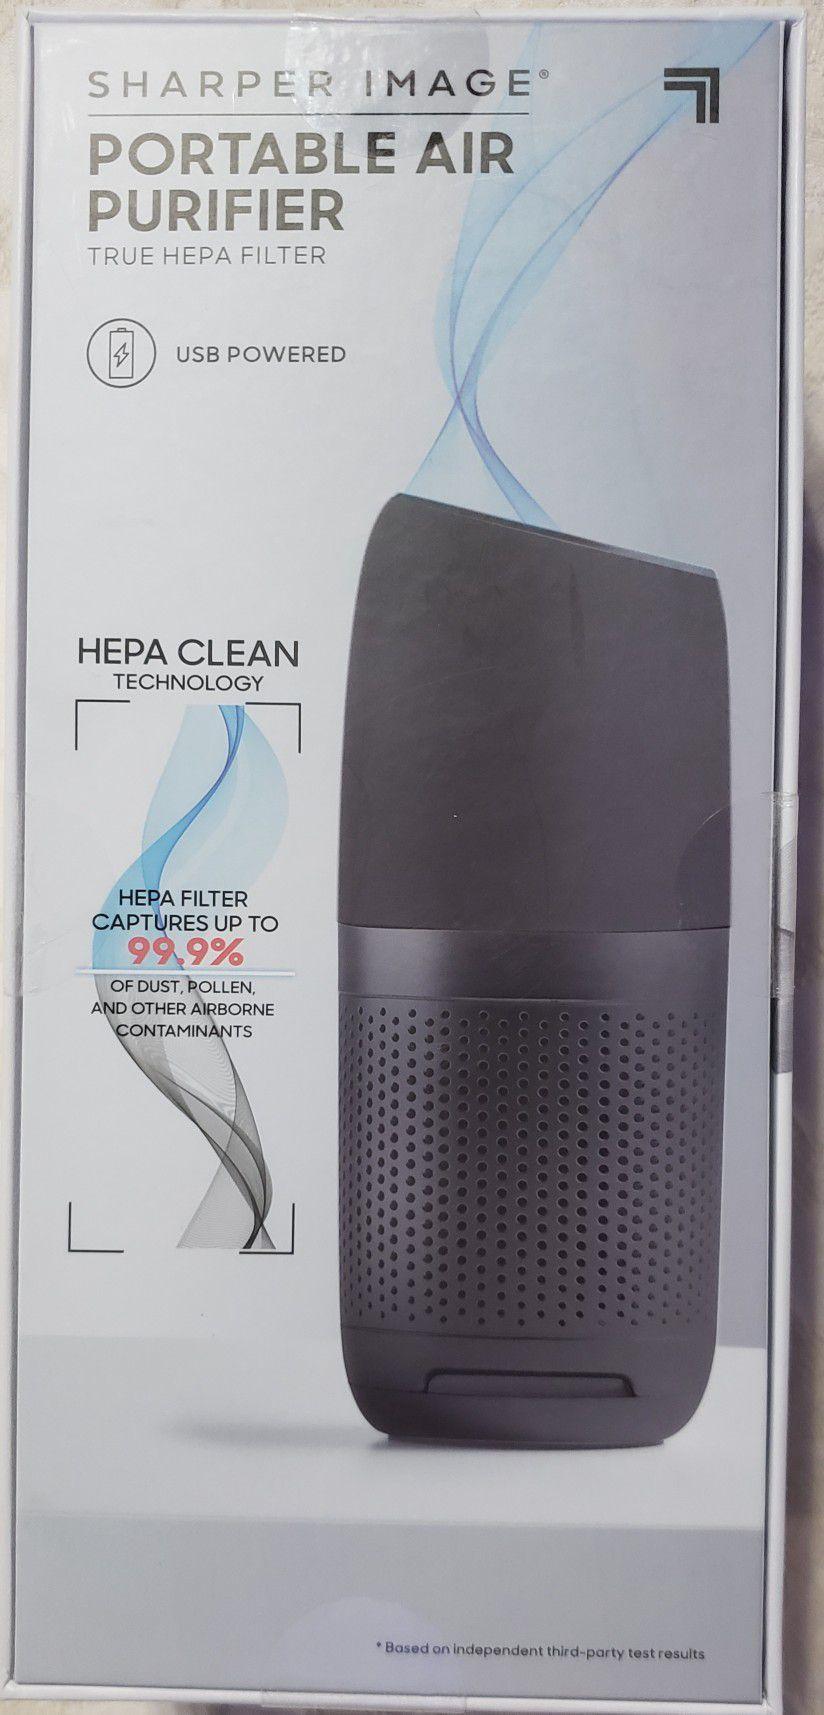 Sharper Image Portable Air Purifier w/HEPA